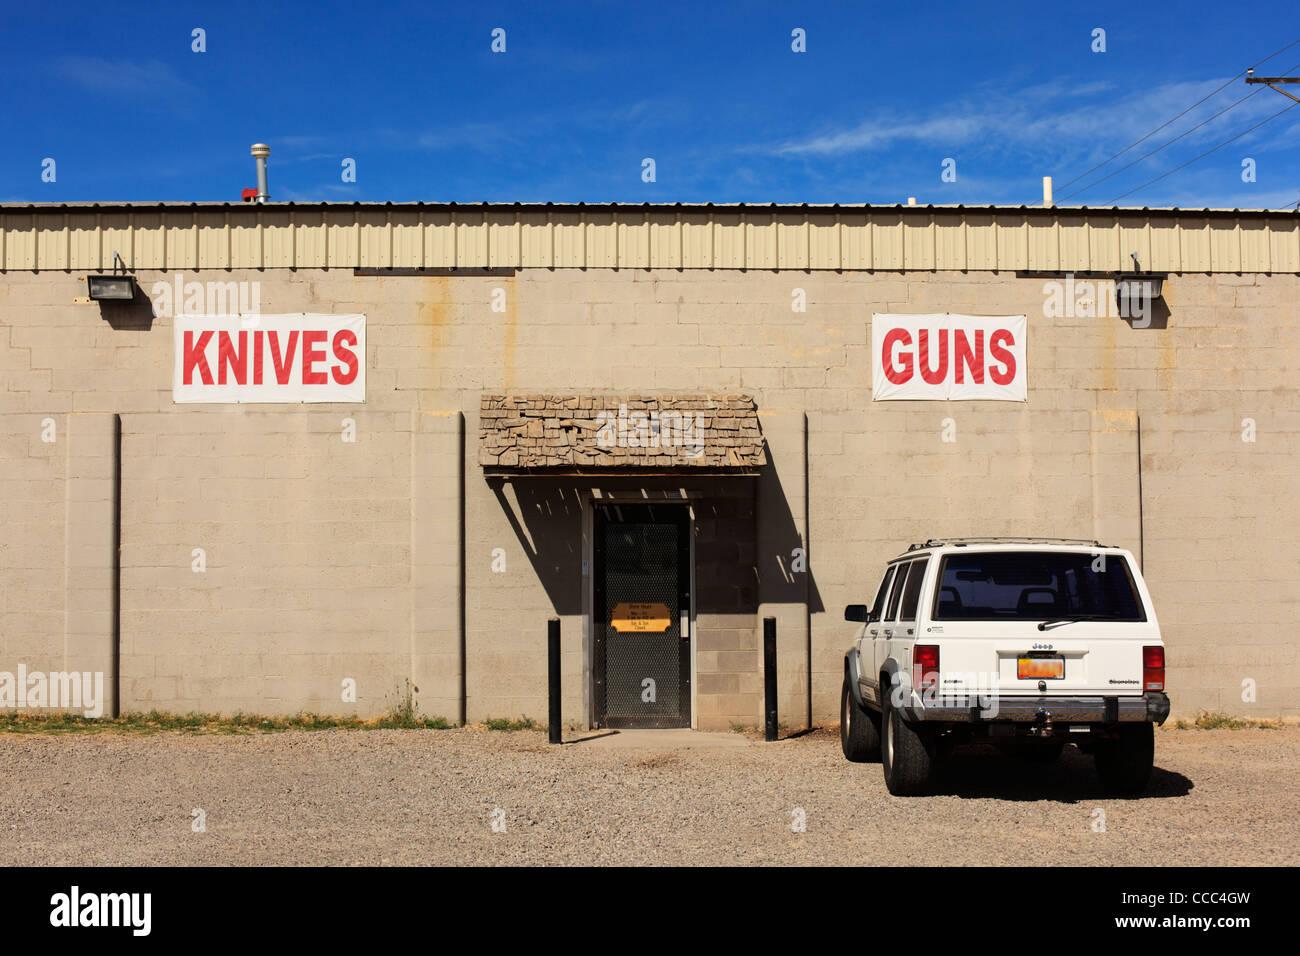 Negozio di vendita coltelli e pistole, Nuovo Messico, Stati Uniti d'America (licenza del veicolo oscurato). Foto Stock